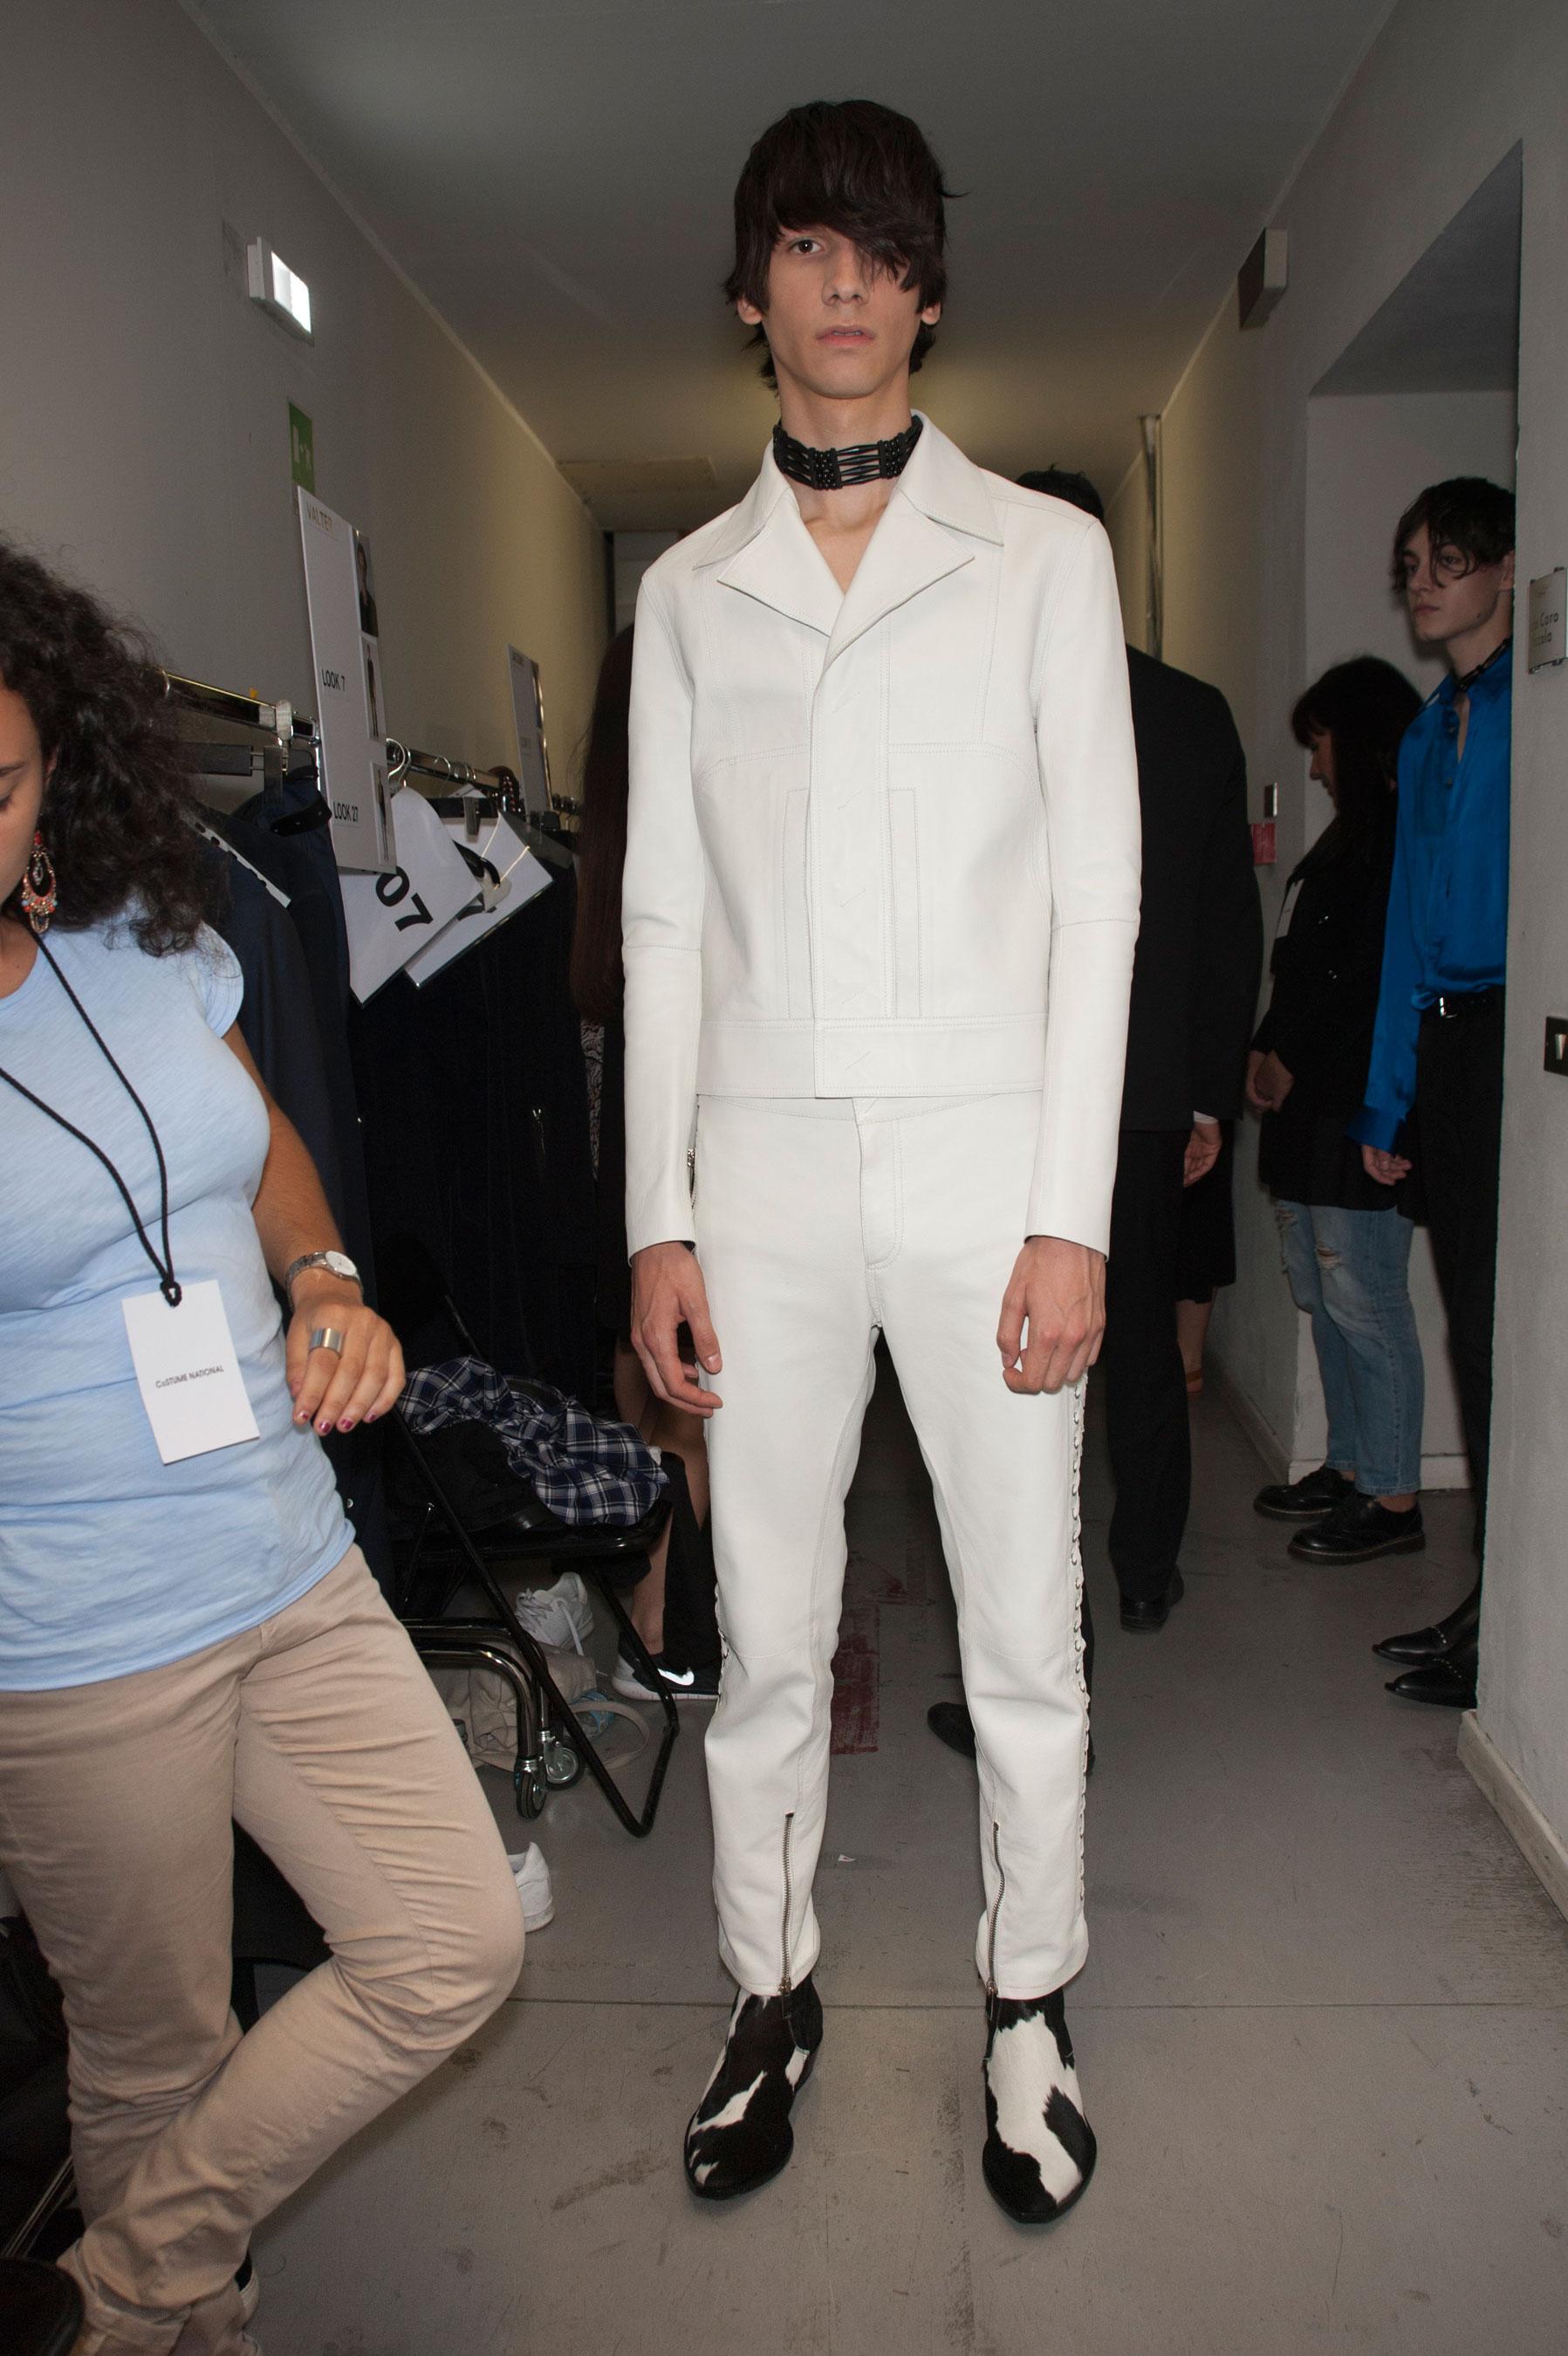 Défilé Costume National Printemps-été 2016 Homme - Madame Figaro fd940bbe3c6